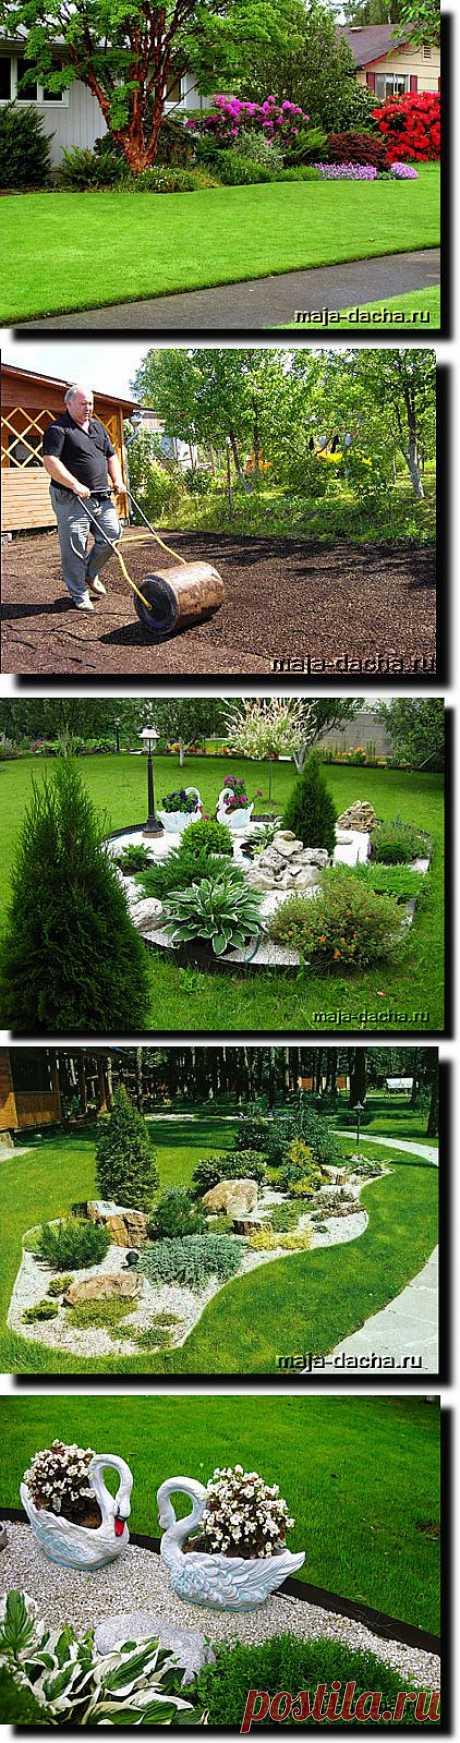 » Как сделать газон на даче, советы по уходу